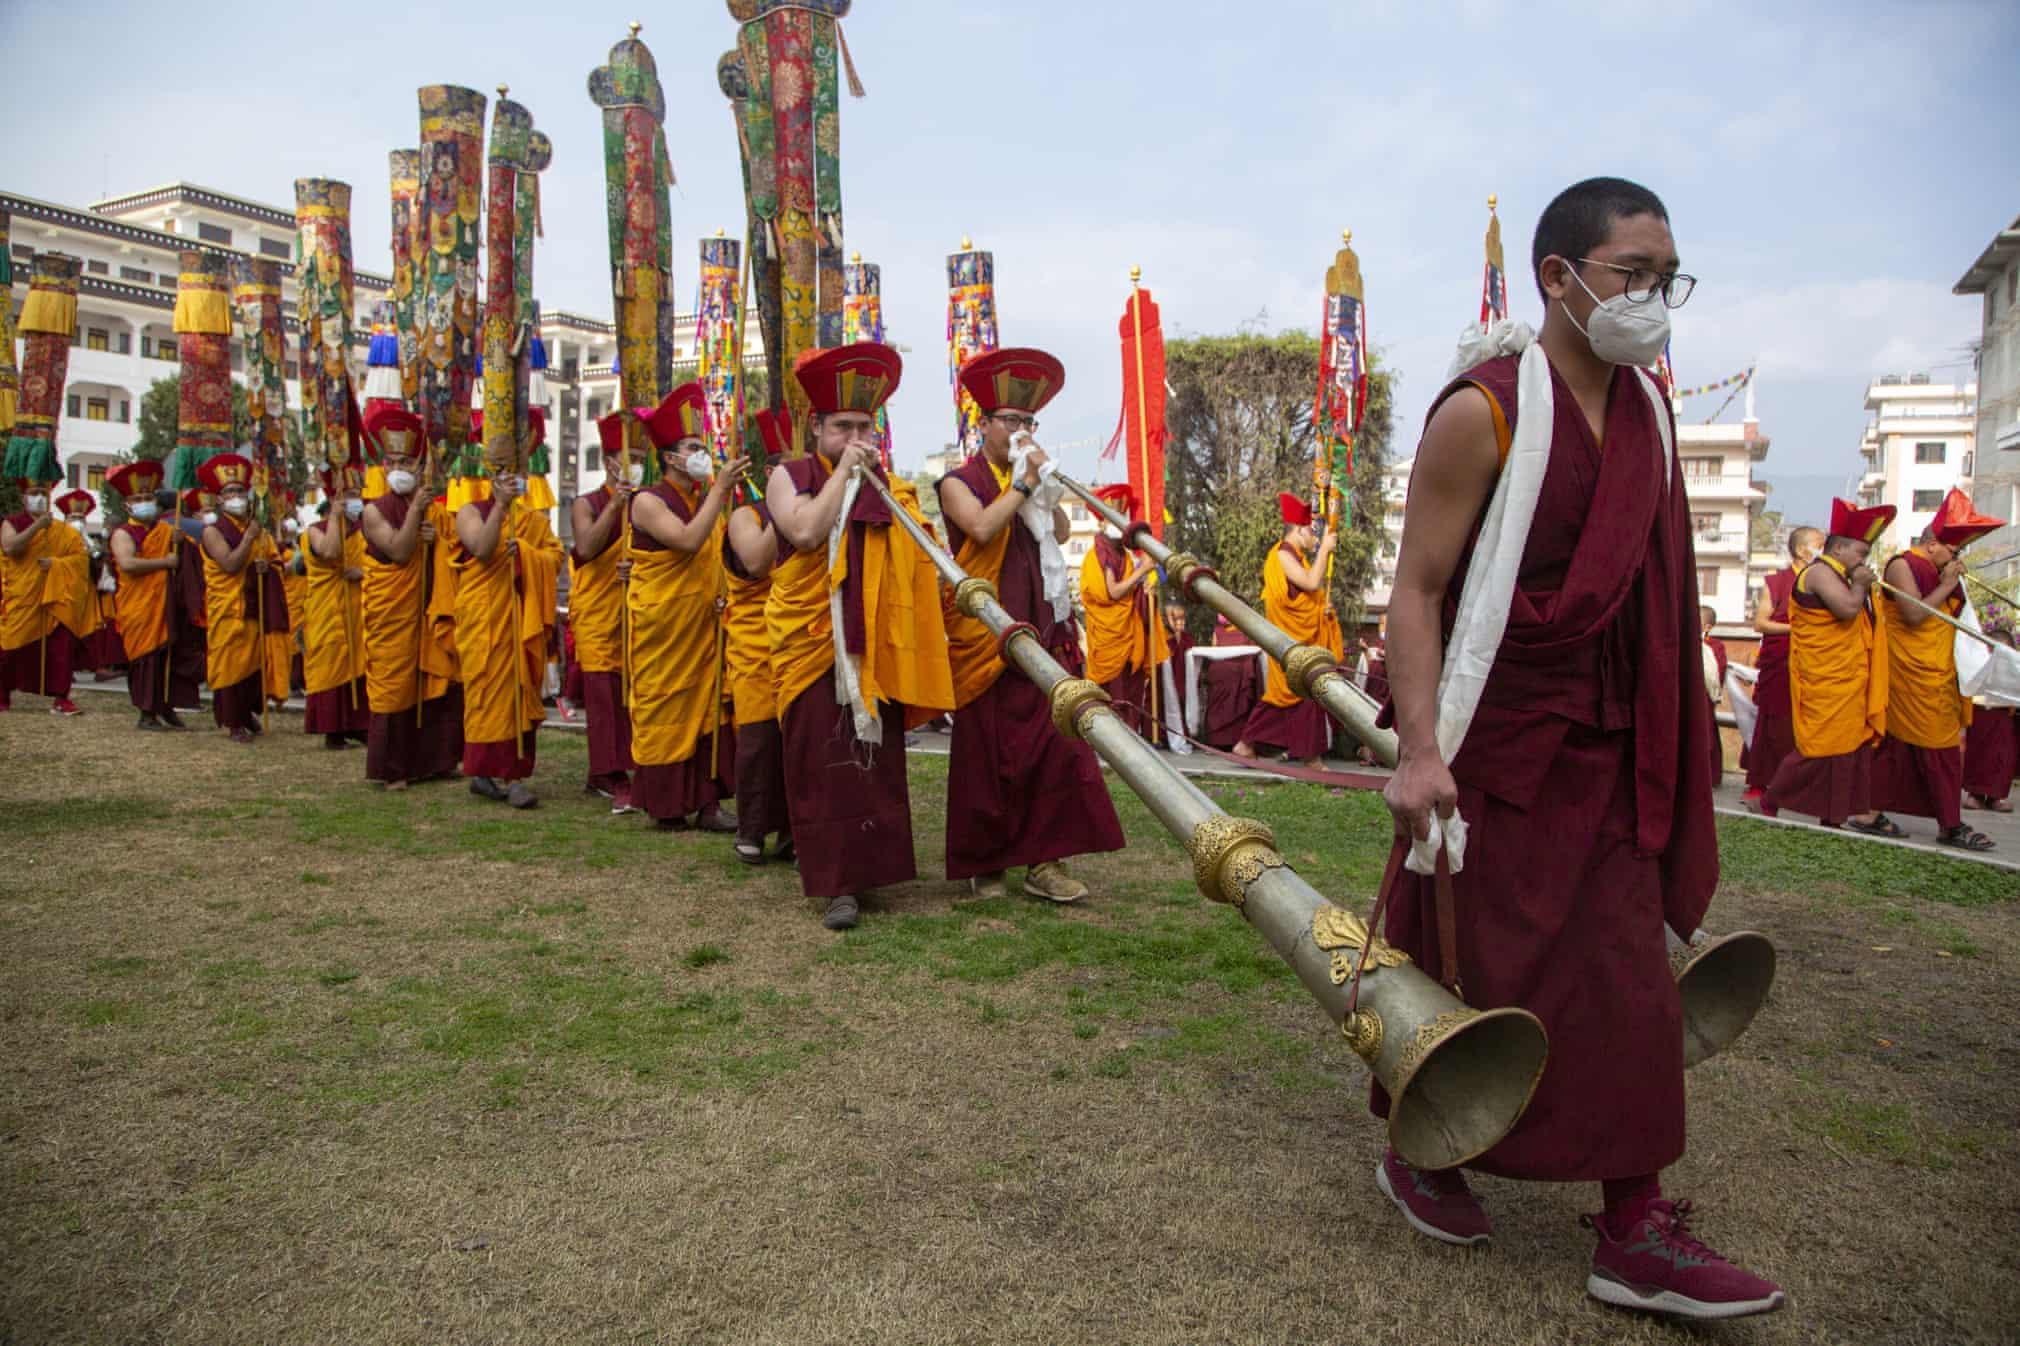 حمل سازهای سنتی سنگین در مراسم تشییع!